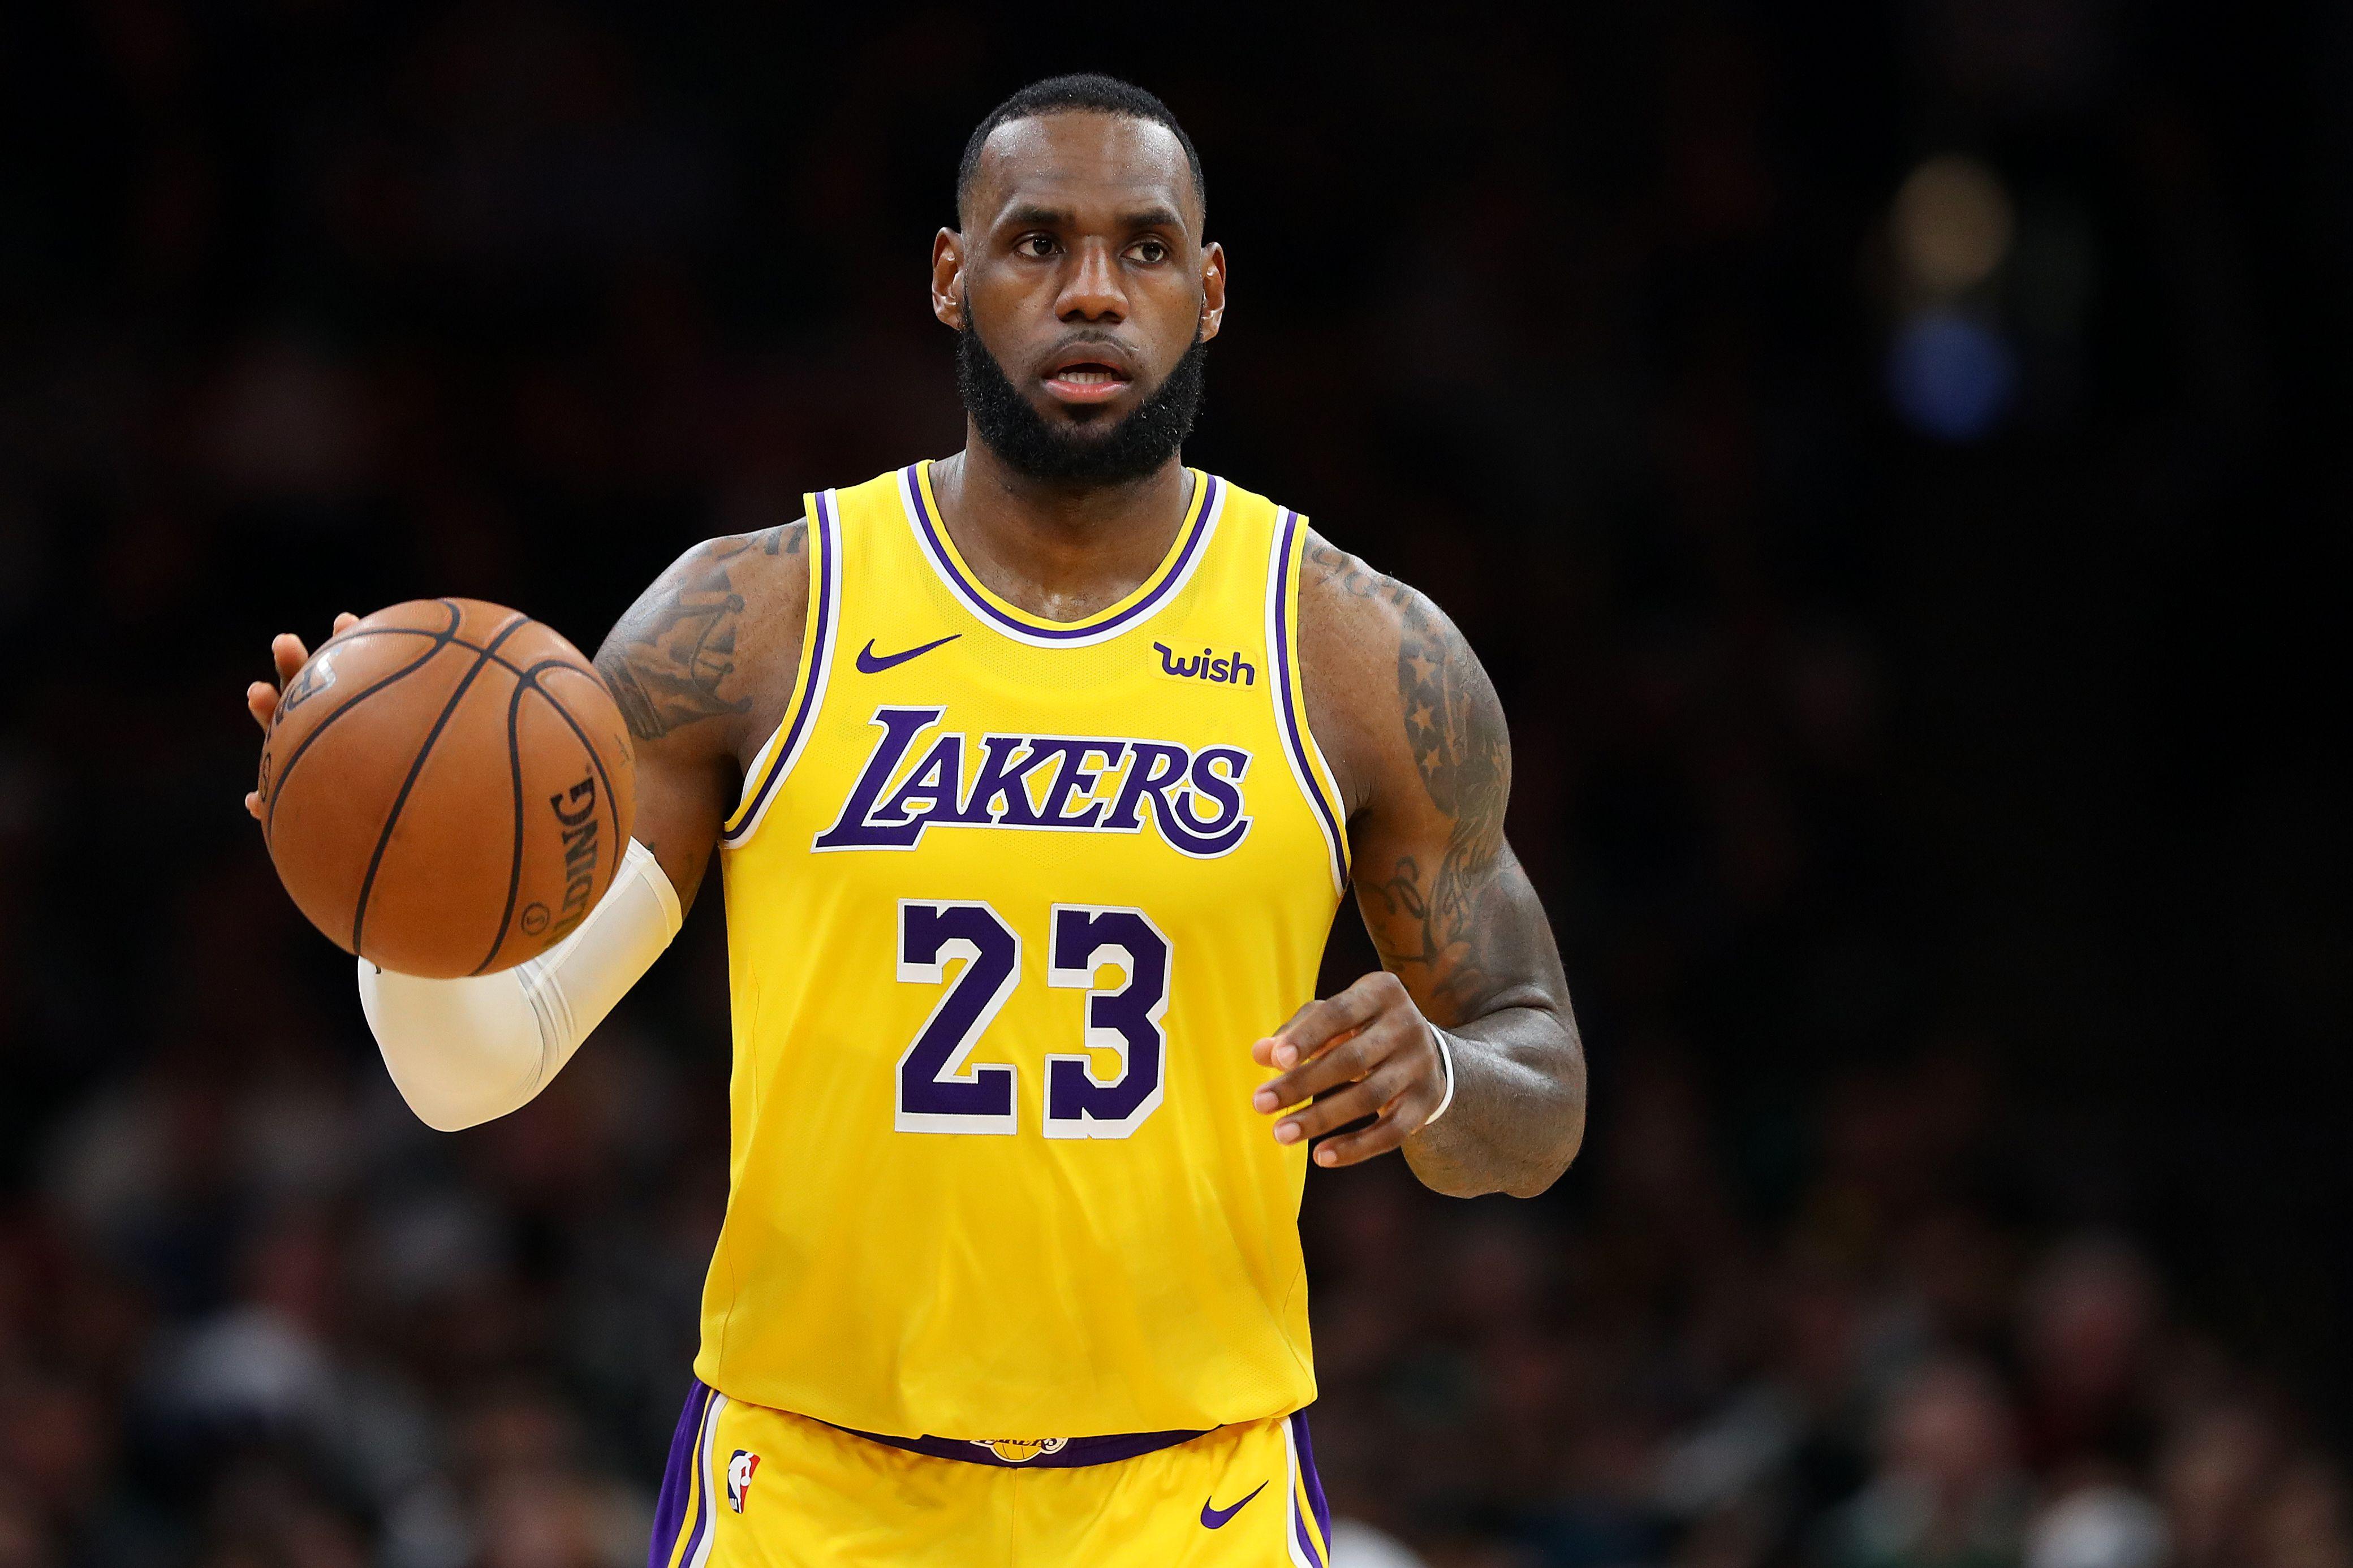 LeBron James se quedó fuera de los  playoffs de la NBA, por primera vez desde el 2005. (Foto Prensa Libre: AFP).